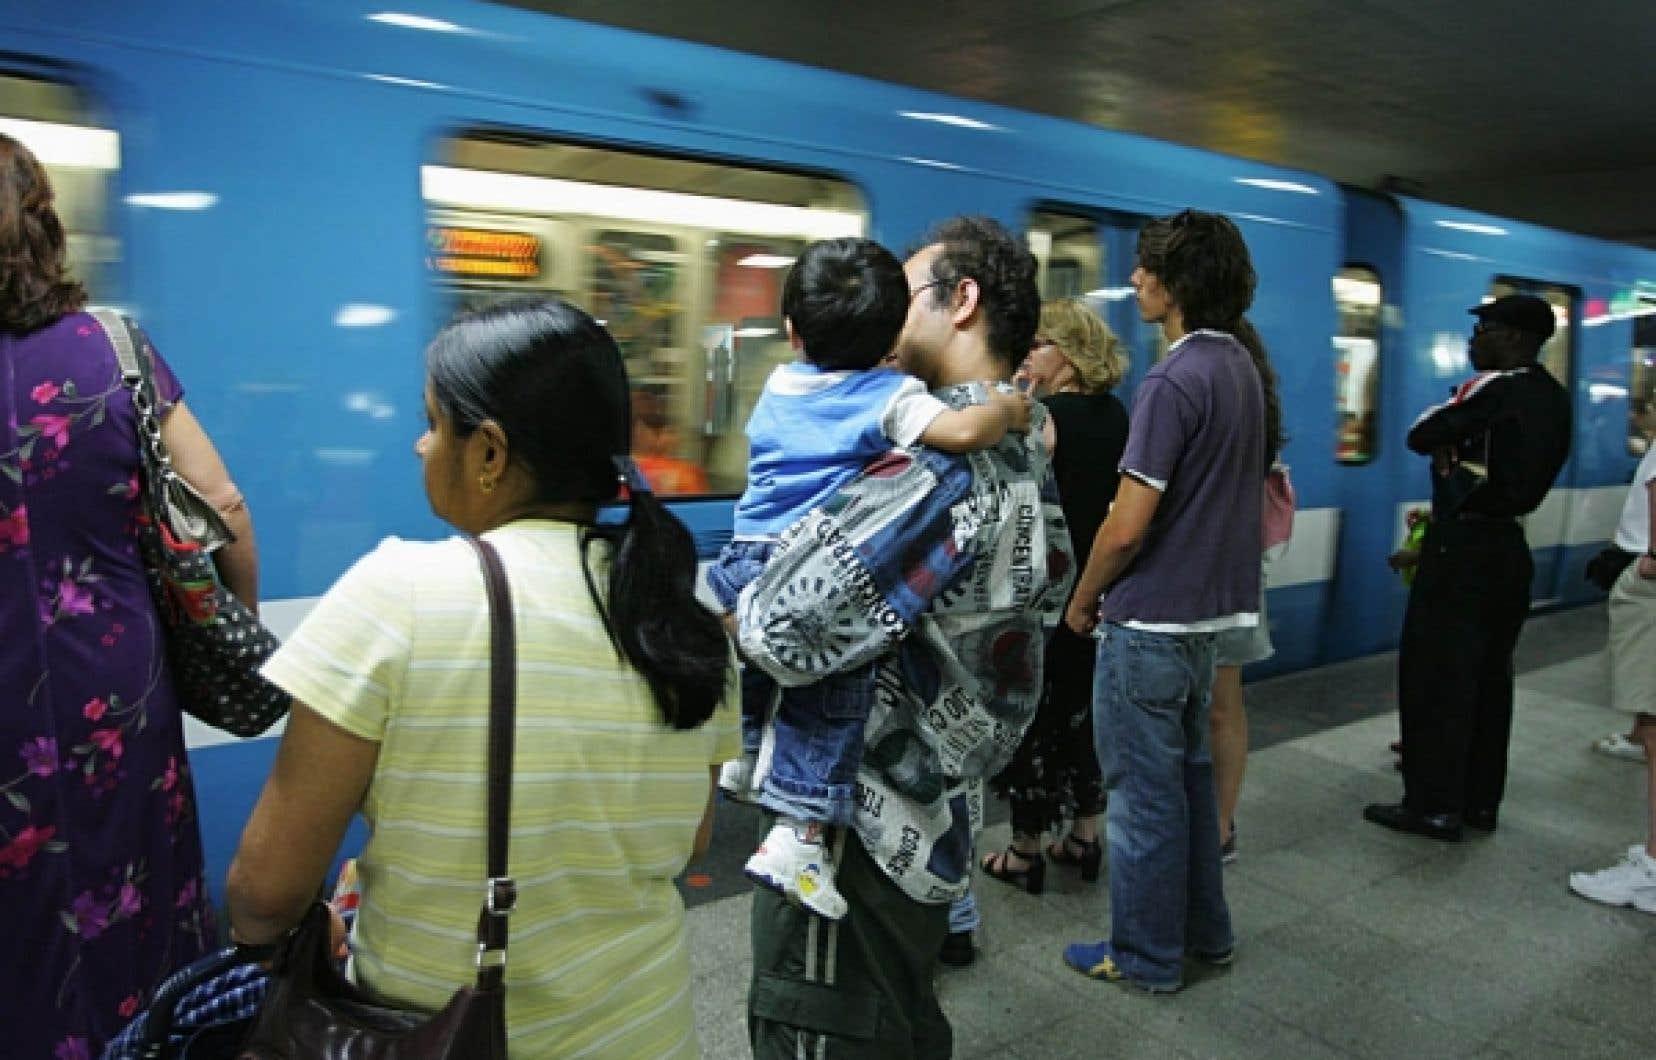 Richard Bergeron, de Projet Montréal, est revenu à la charge hier pour réclamer de la Société de transport de Montréal qu'elle équipe les nouvelles voitures de métro et les autobus de systèmes de climatisation. Pour la STM, la climatisation du métro entraînerait une augmentation importante de la chaleur dans les stations.<br />